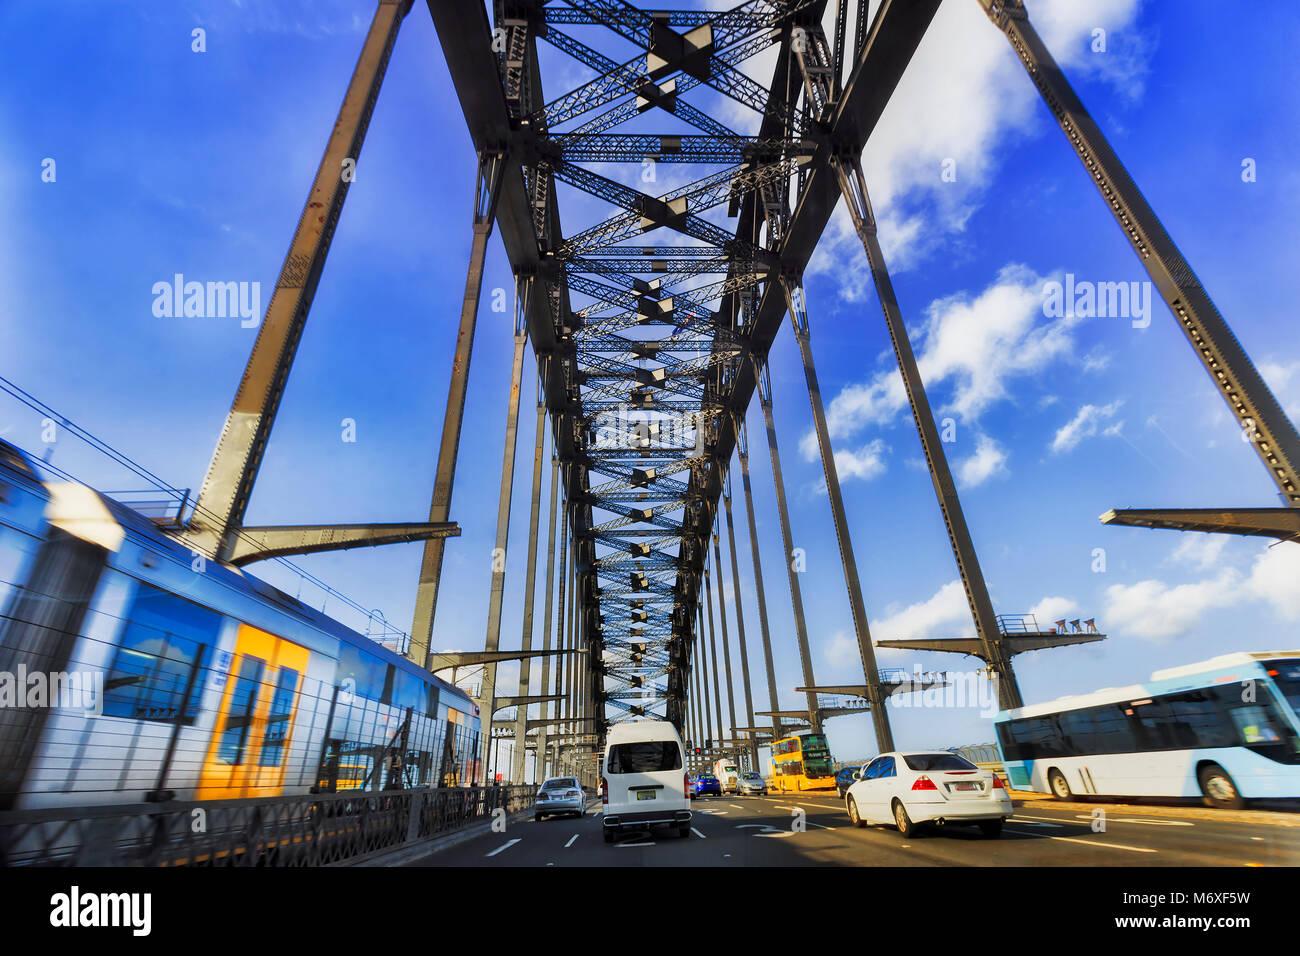 Les transports en commun et voitures particulières pendant les heures de pointe de trafic intense de la conduite Photo Stock